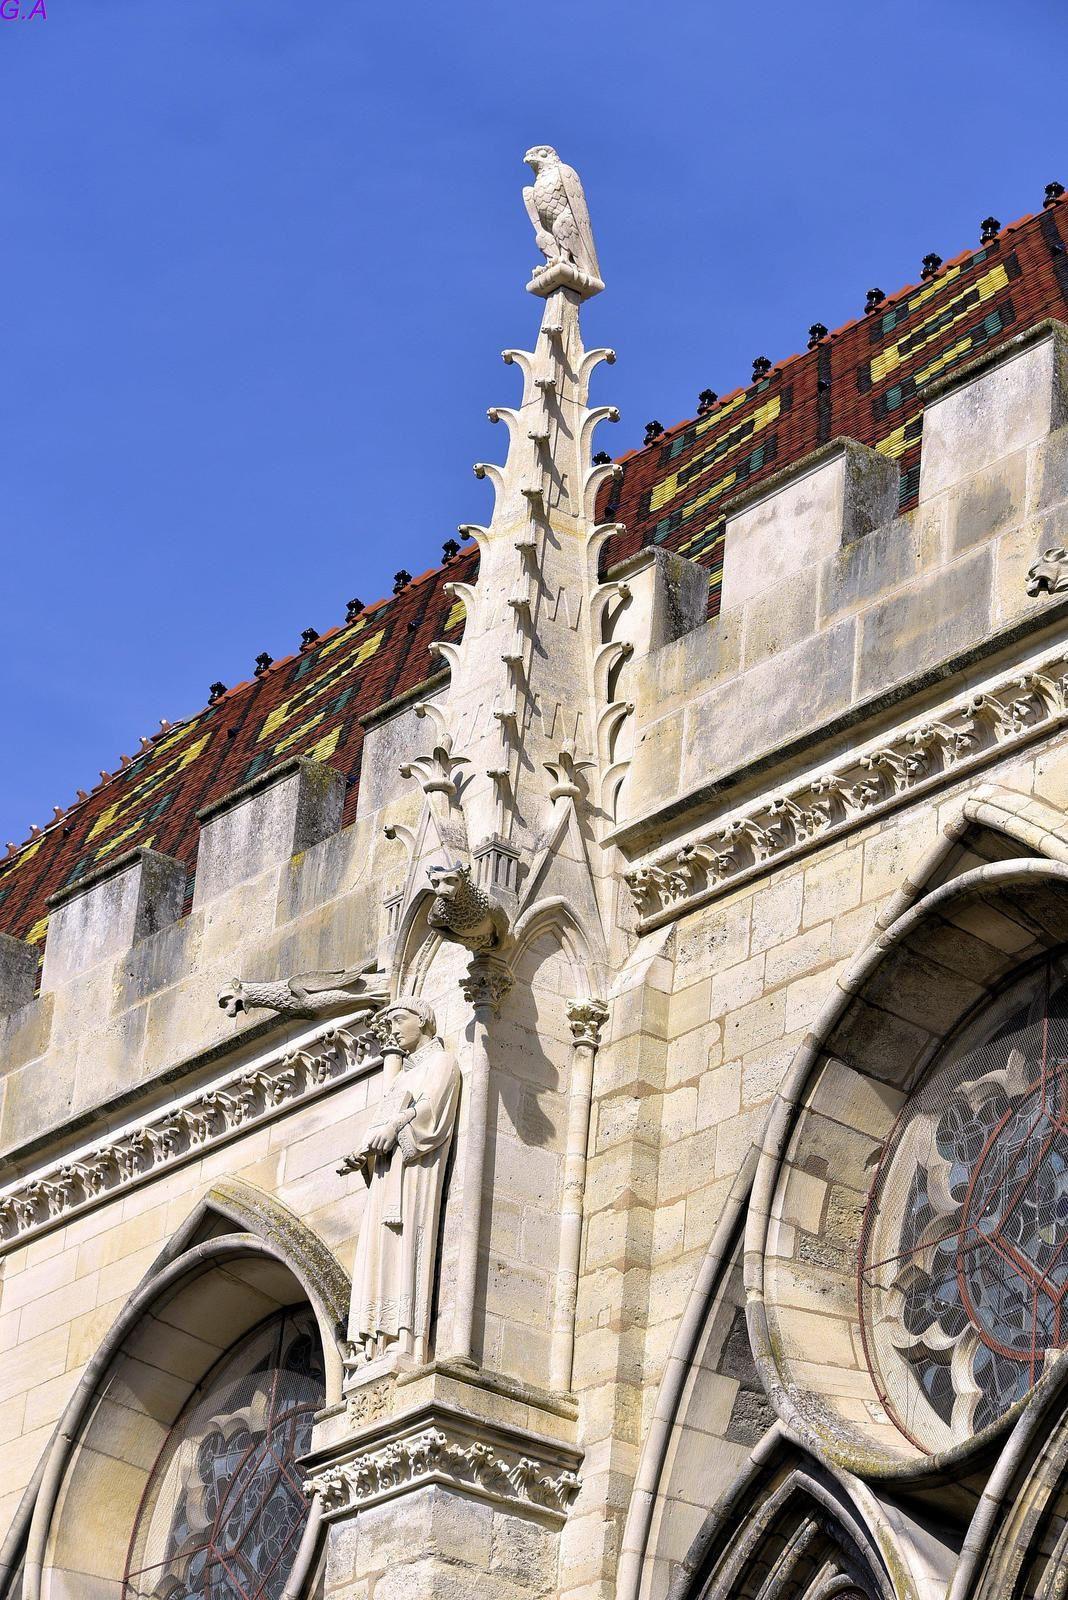 Quelques photos de la Cathédrale St Etienne de Sens. Exterieur.